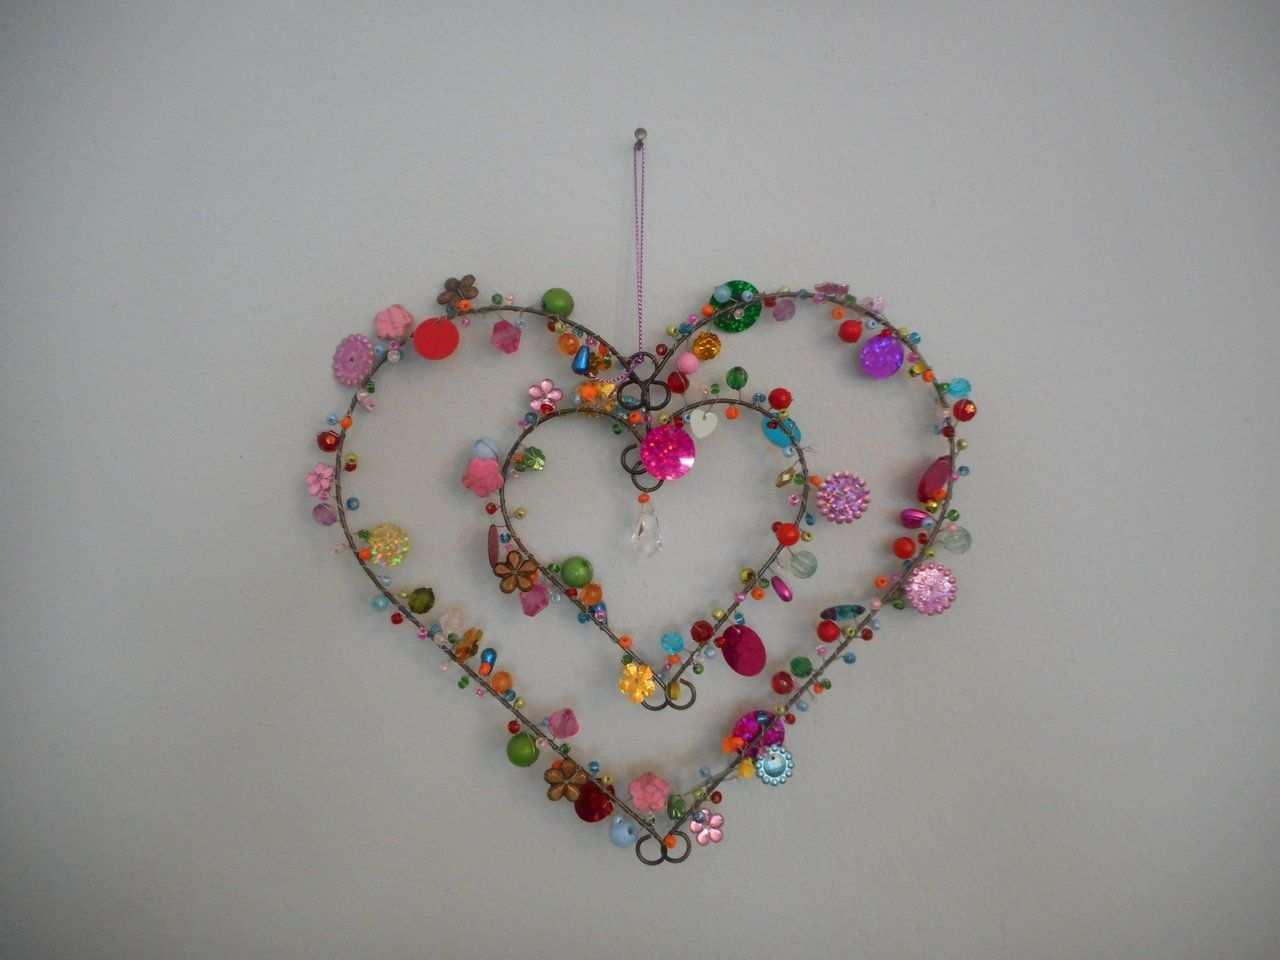 Herz Fensterdeko Mit Bunten Perlen Pailletten Perlen Basteln Basteln Mit Draht Basteln